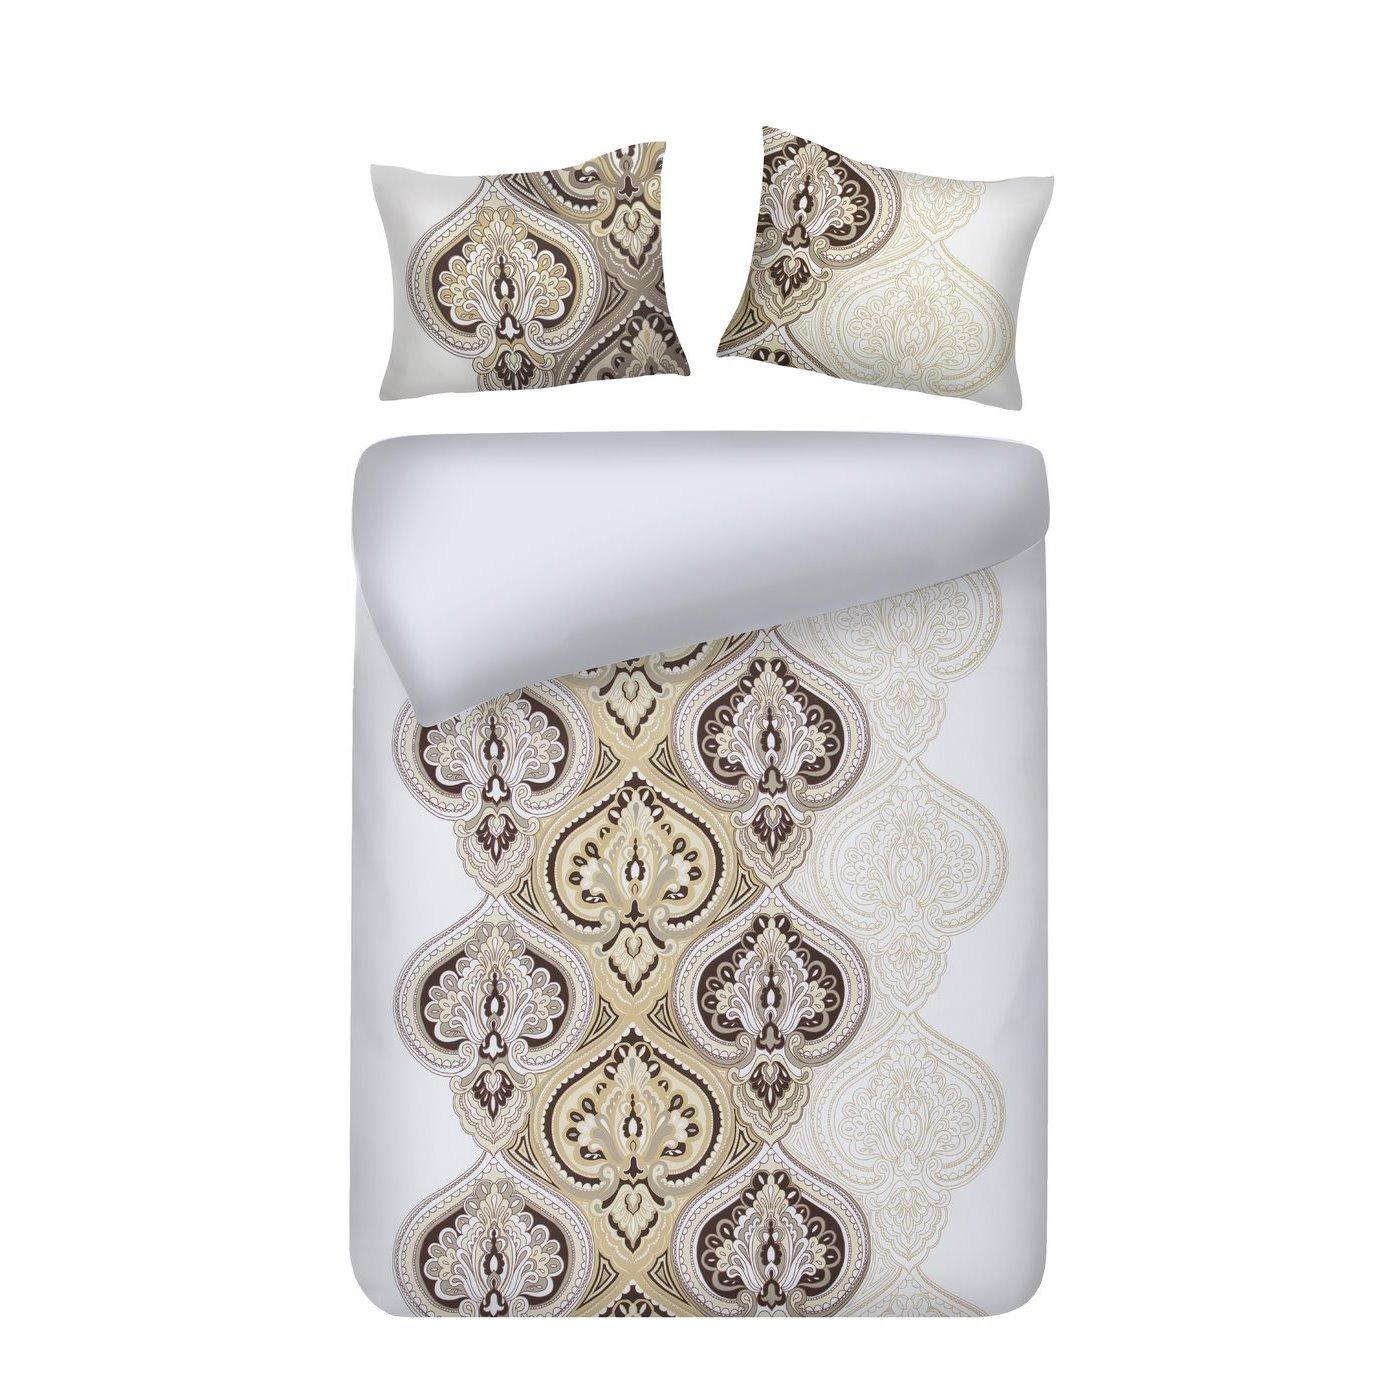 ścielenie łóżka eurofrany